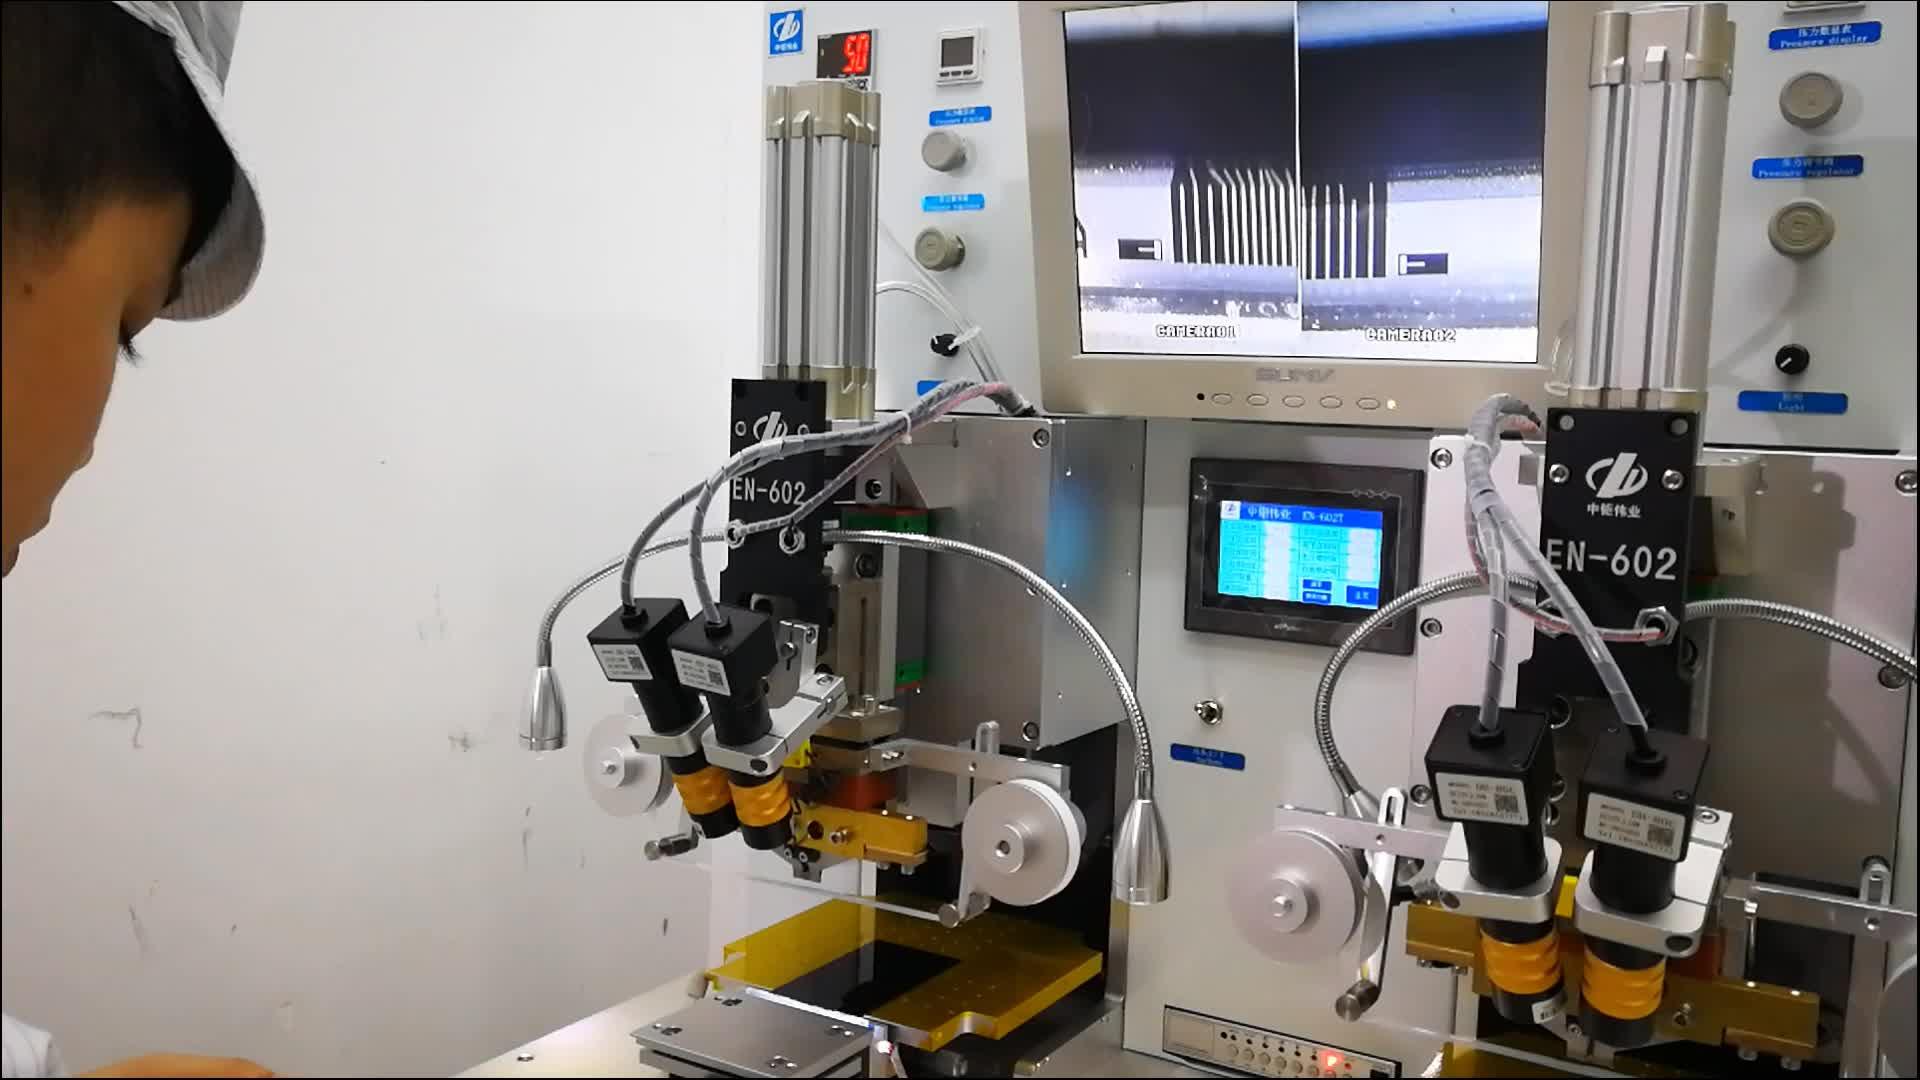 Stabiele Bonding Reparatie Lcd Pulse Druk Flex Kabel Machine Voor Flex Kabel Reparatie ACF FPC Bonding Machine